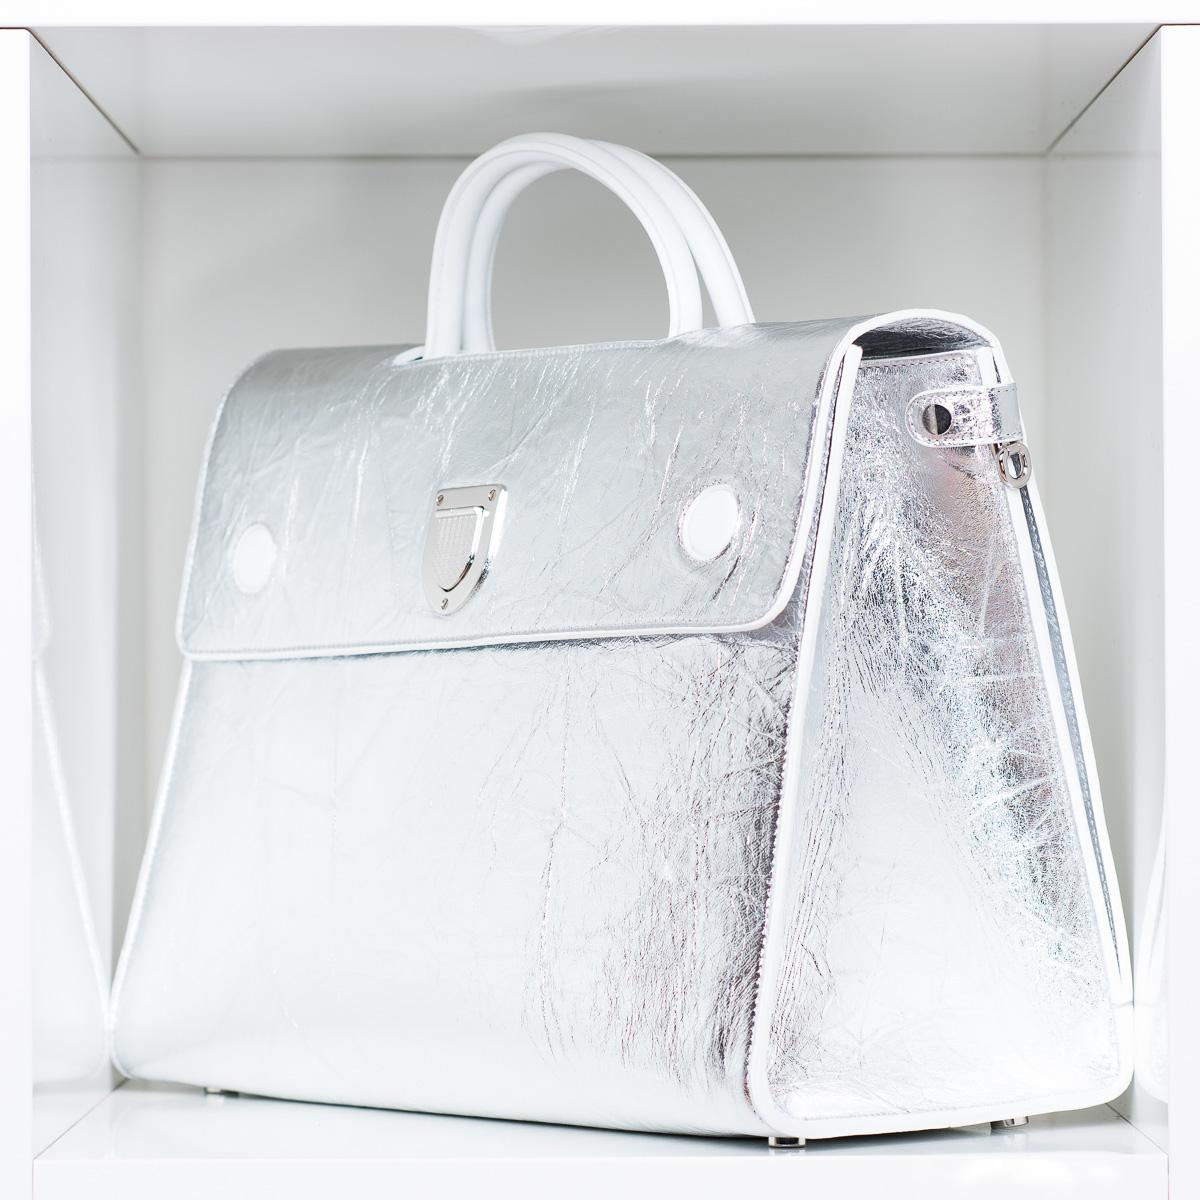 Dior Diorever Bag (8)